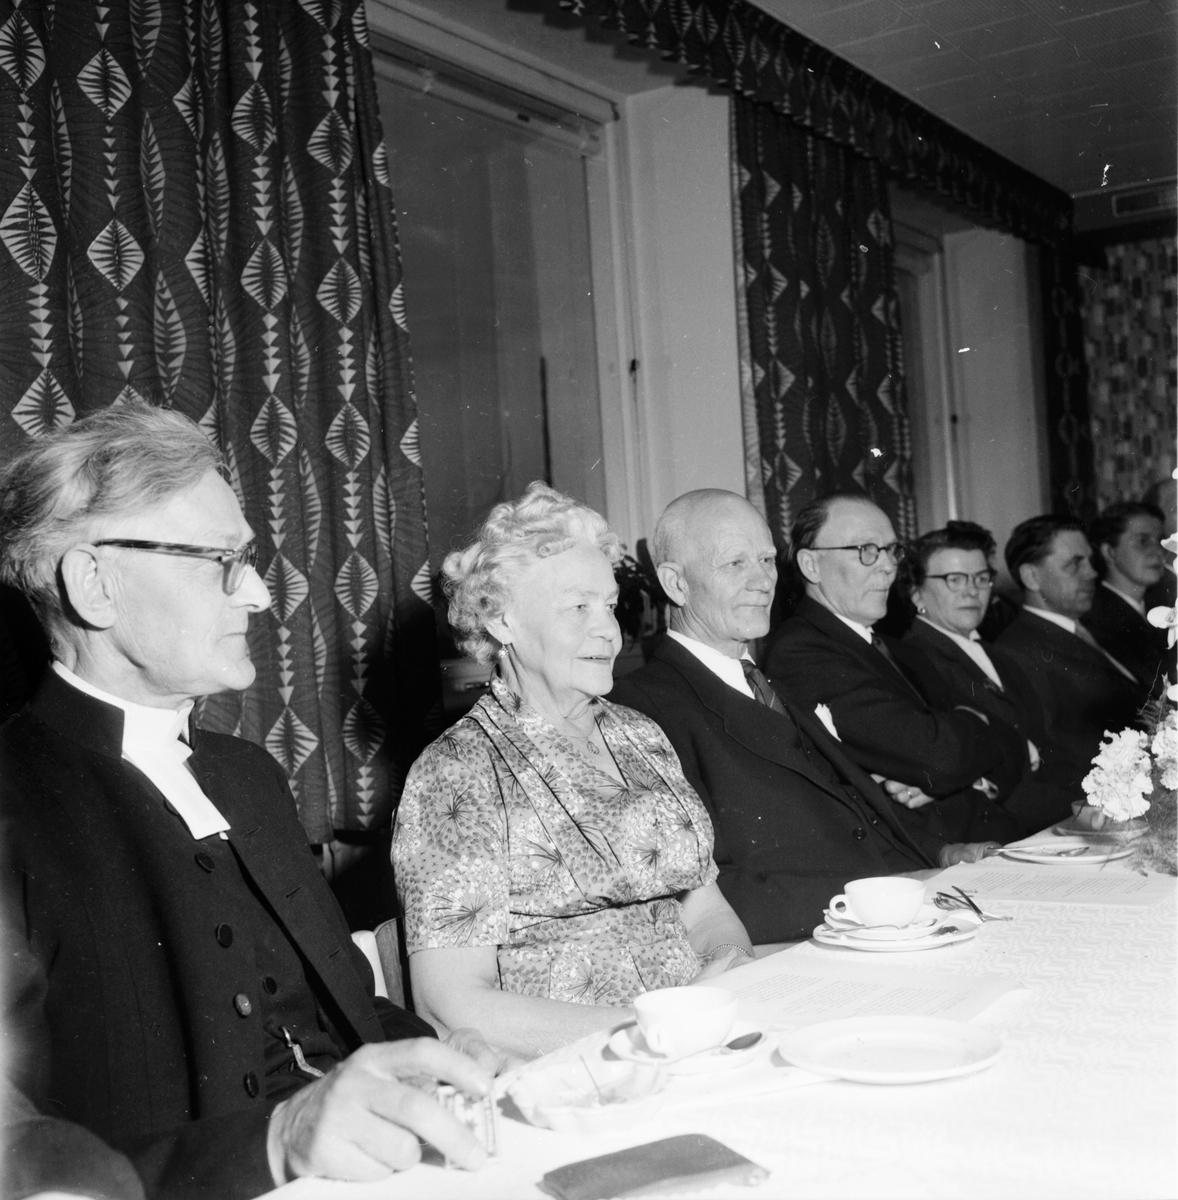 Leo Carlsson avtackas. 19/5 1957